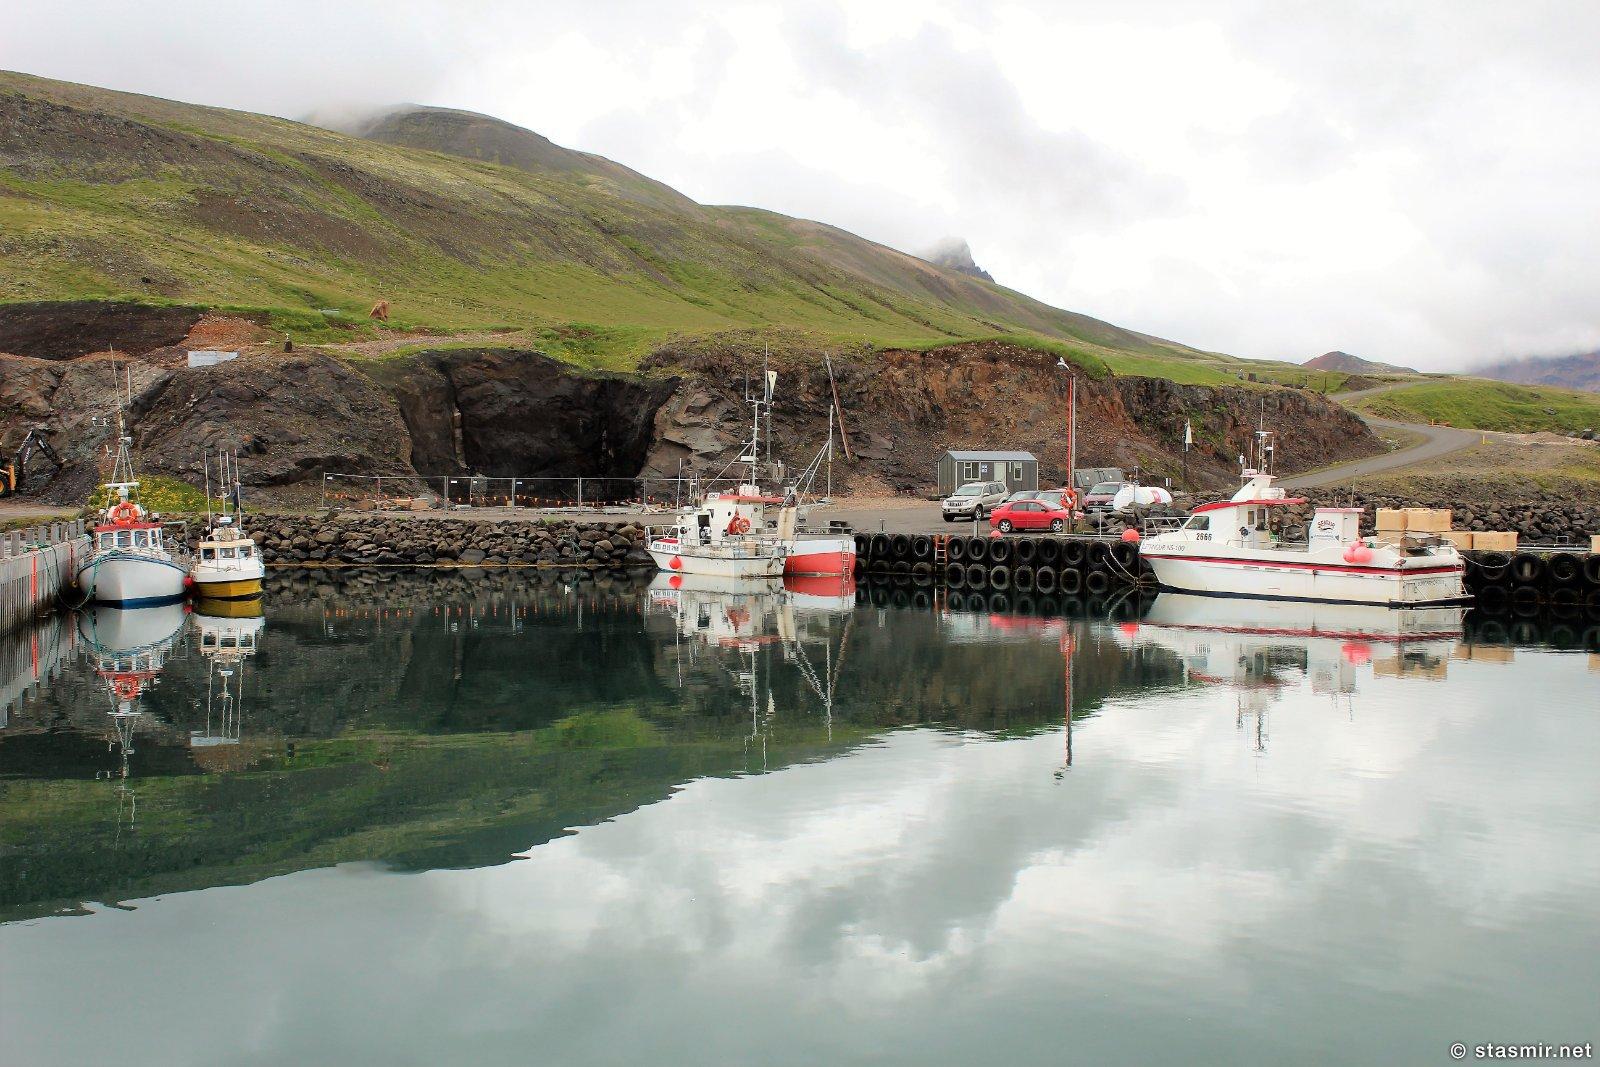 Borgarfjarðarhöfn, гавань расположена в нескольких километрах от города, фото Стасмир, Photo Stasmir